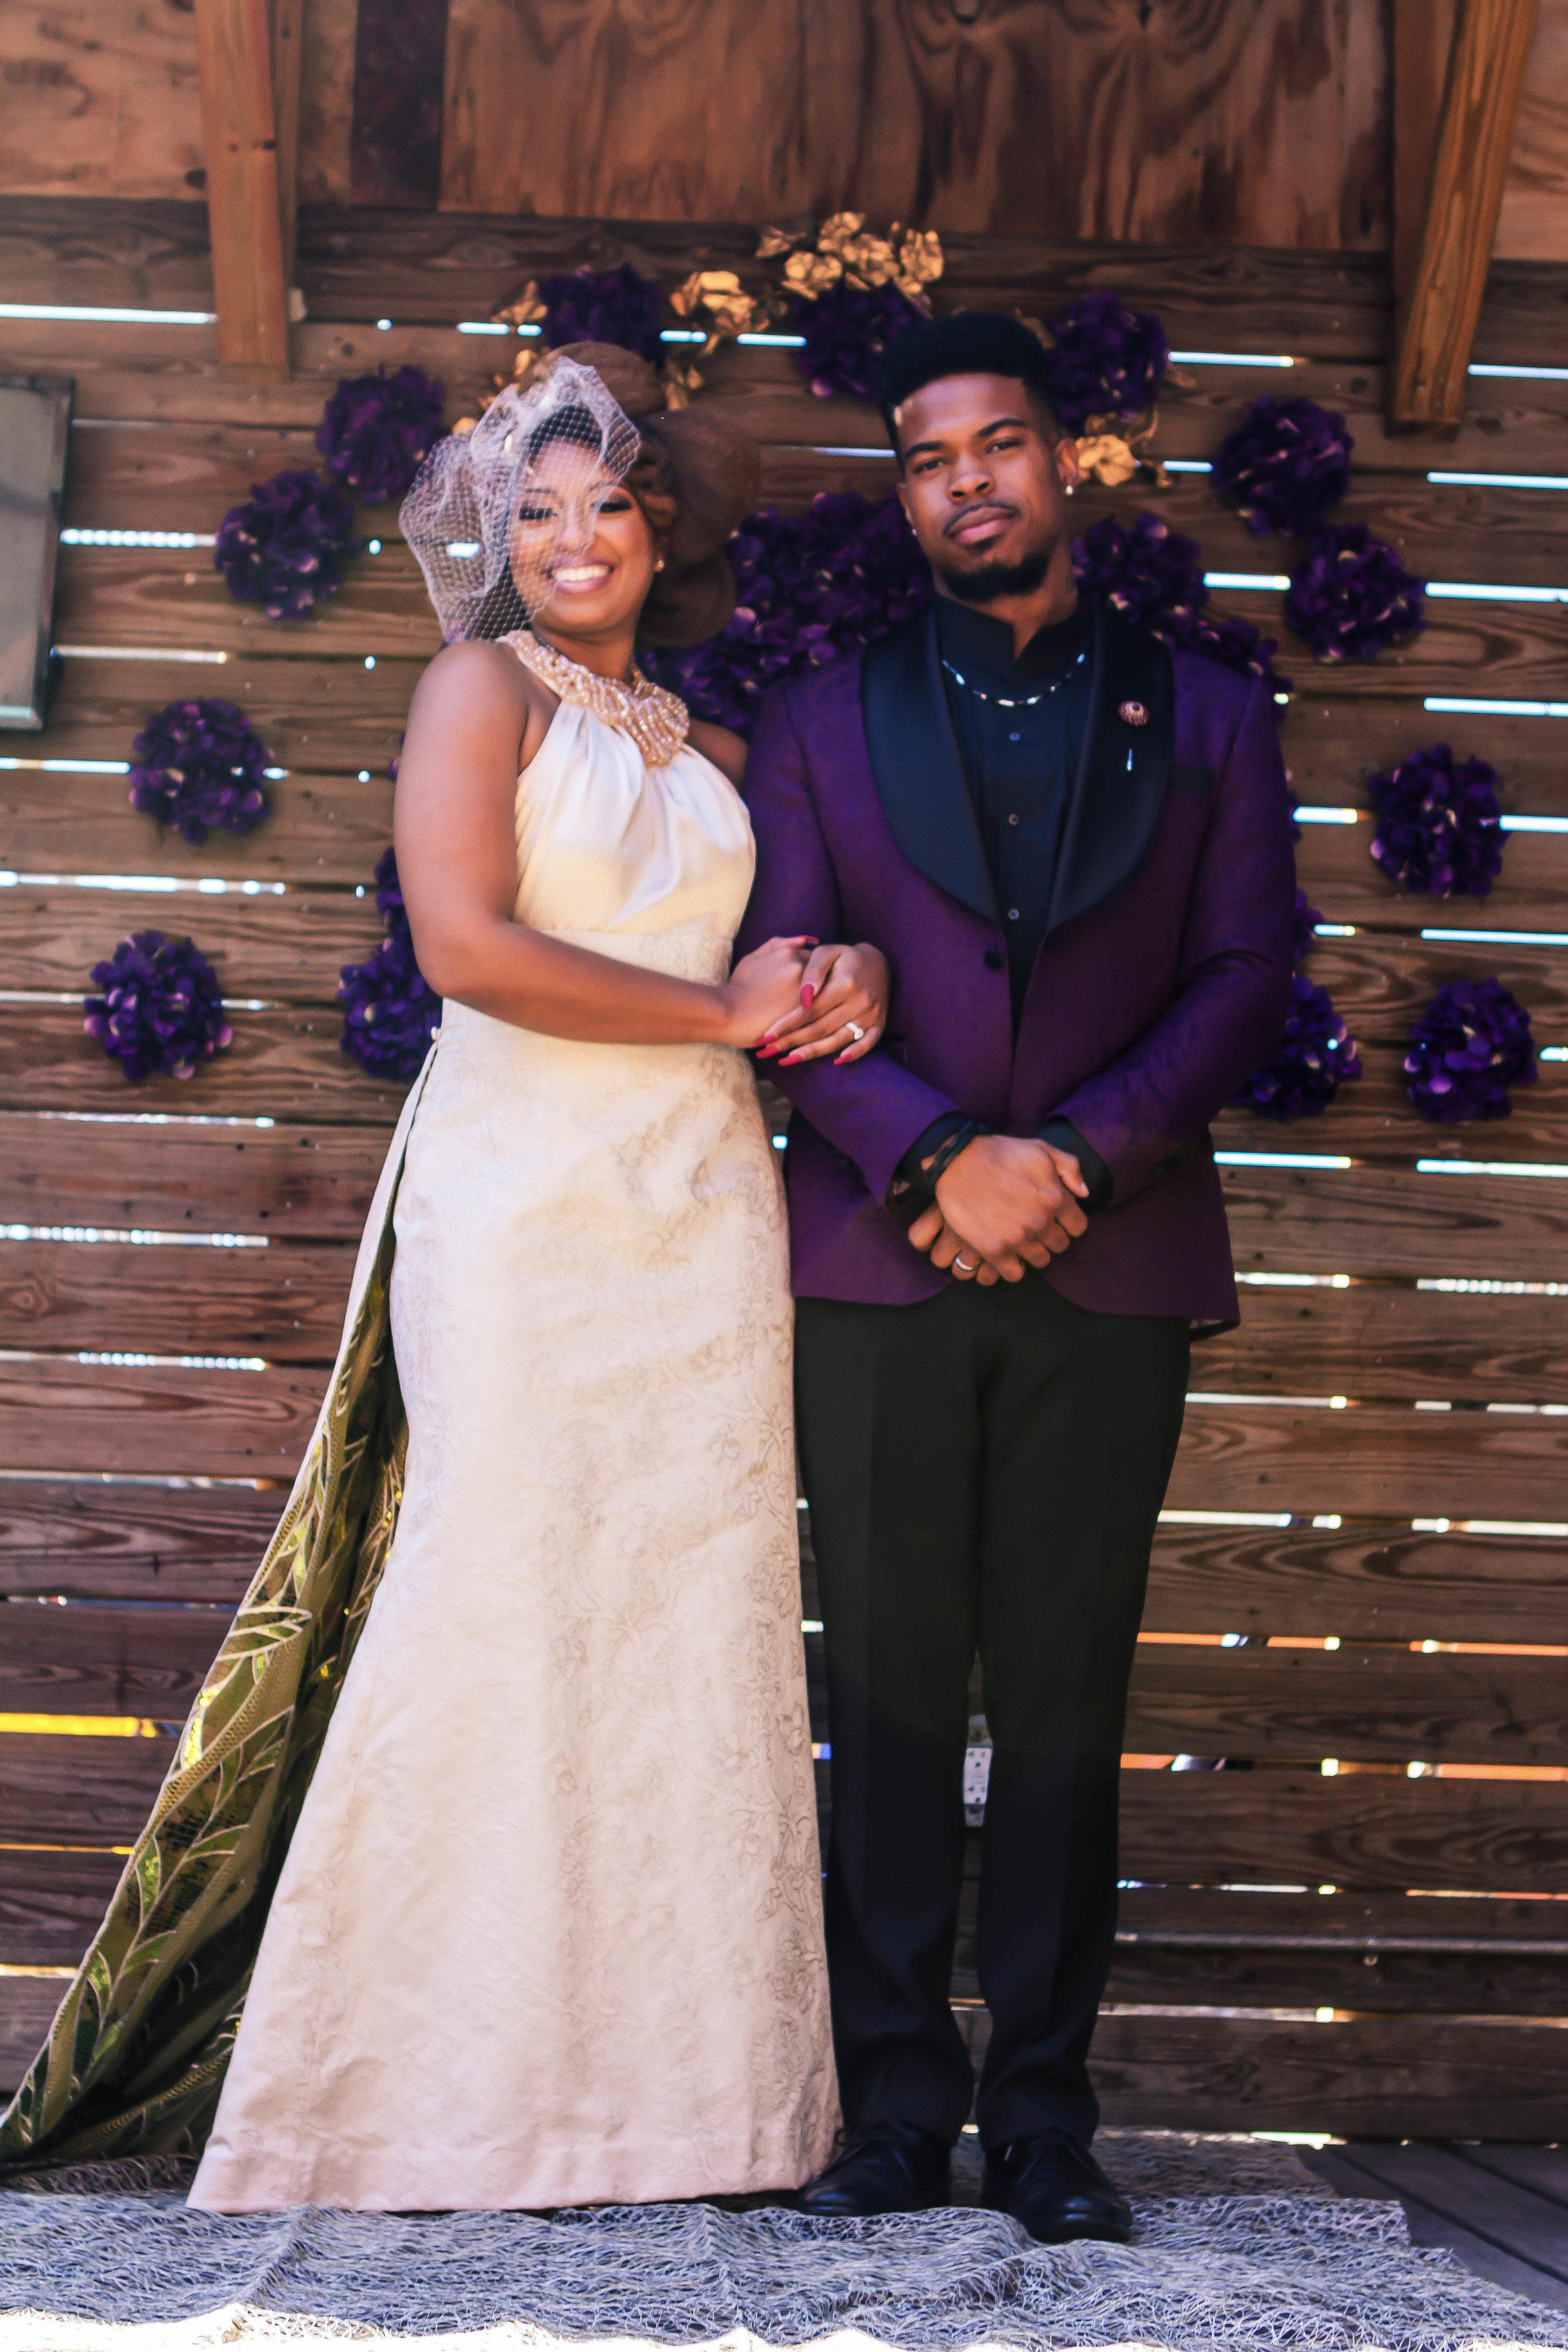 Luxe LeBlanc_Wakandan Wedding_Bride and Groom.jpg